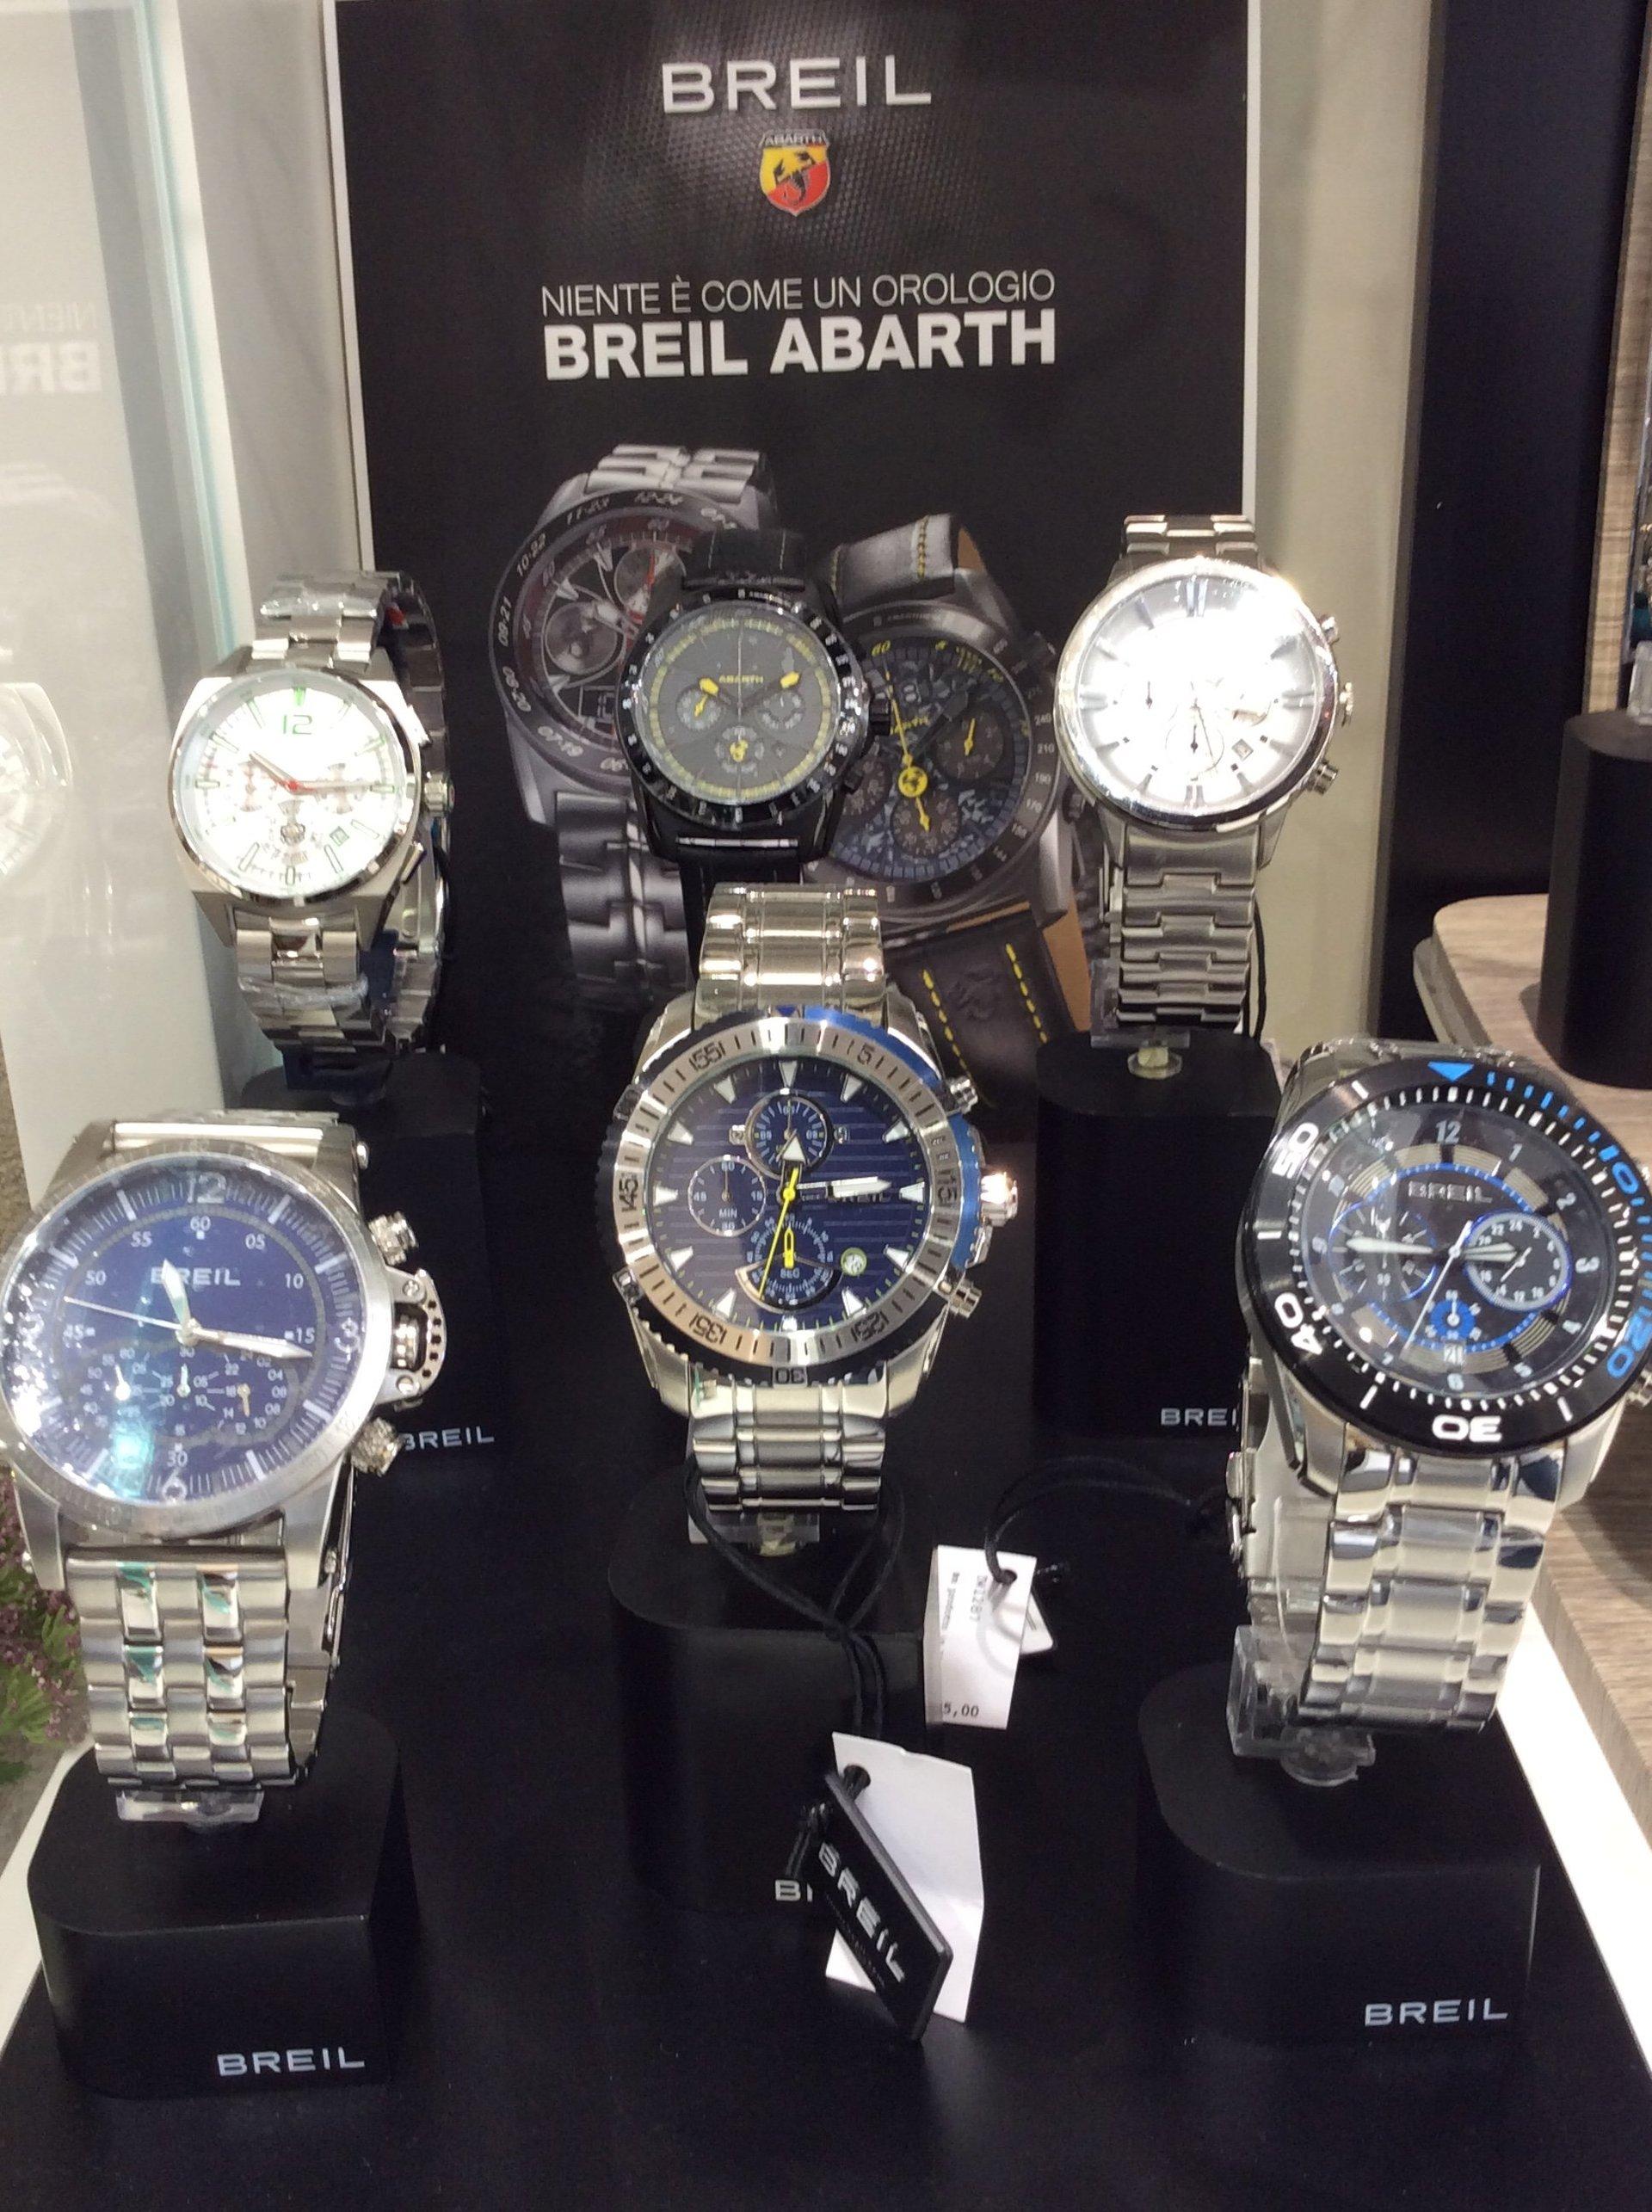 Esposizione orologi Brei Abarth